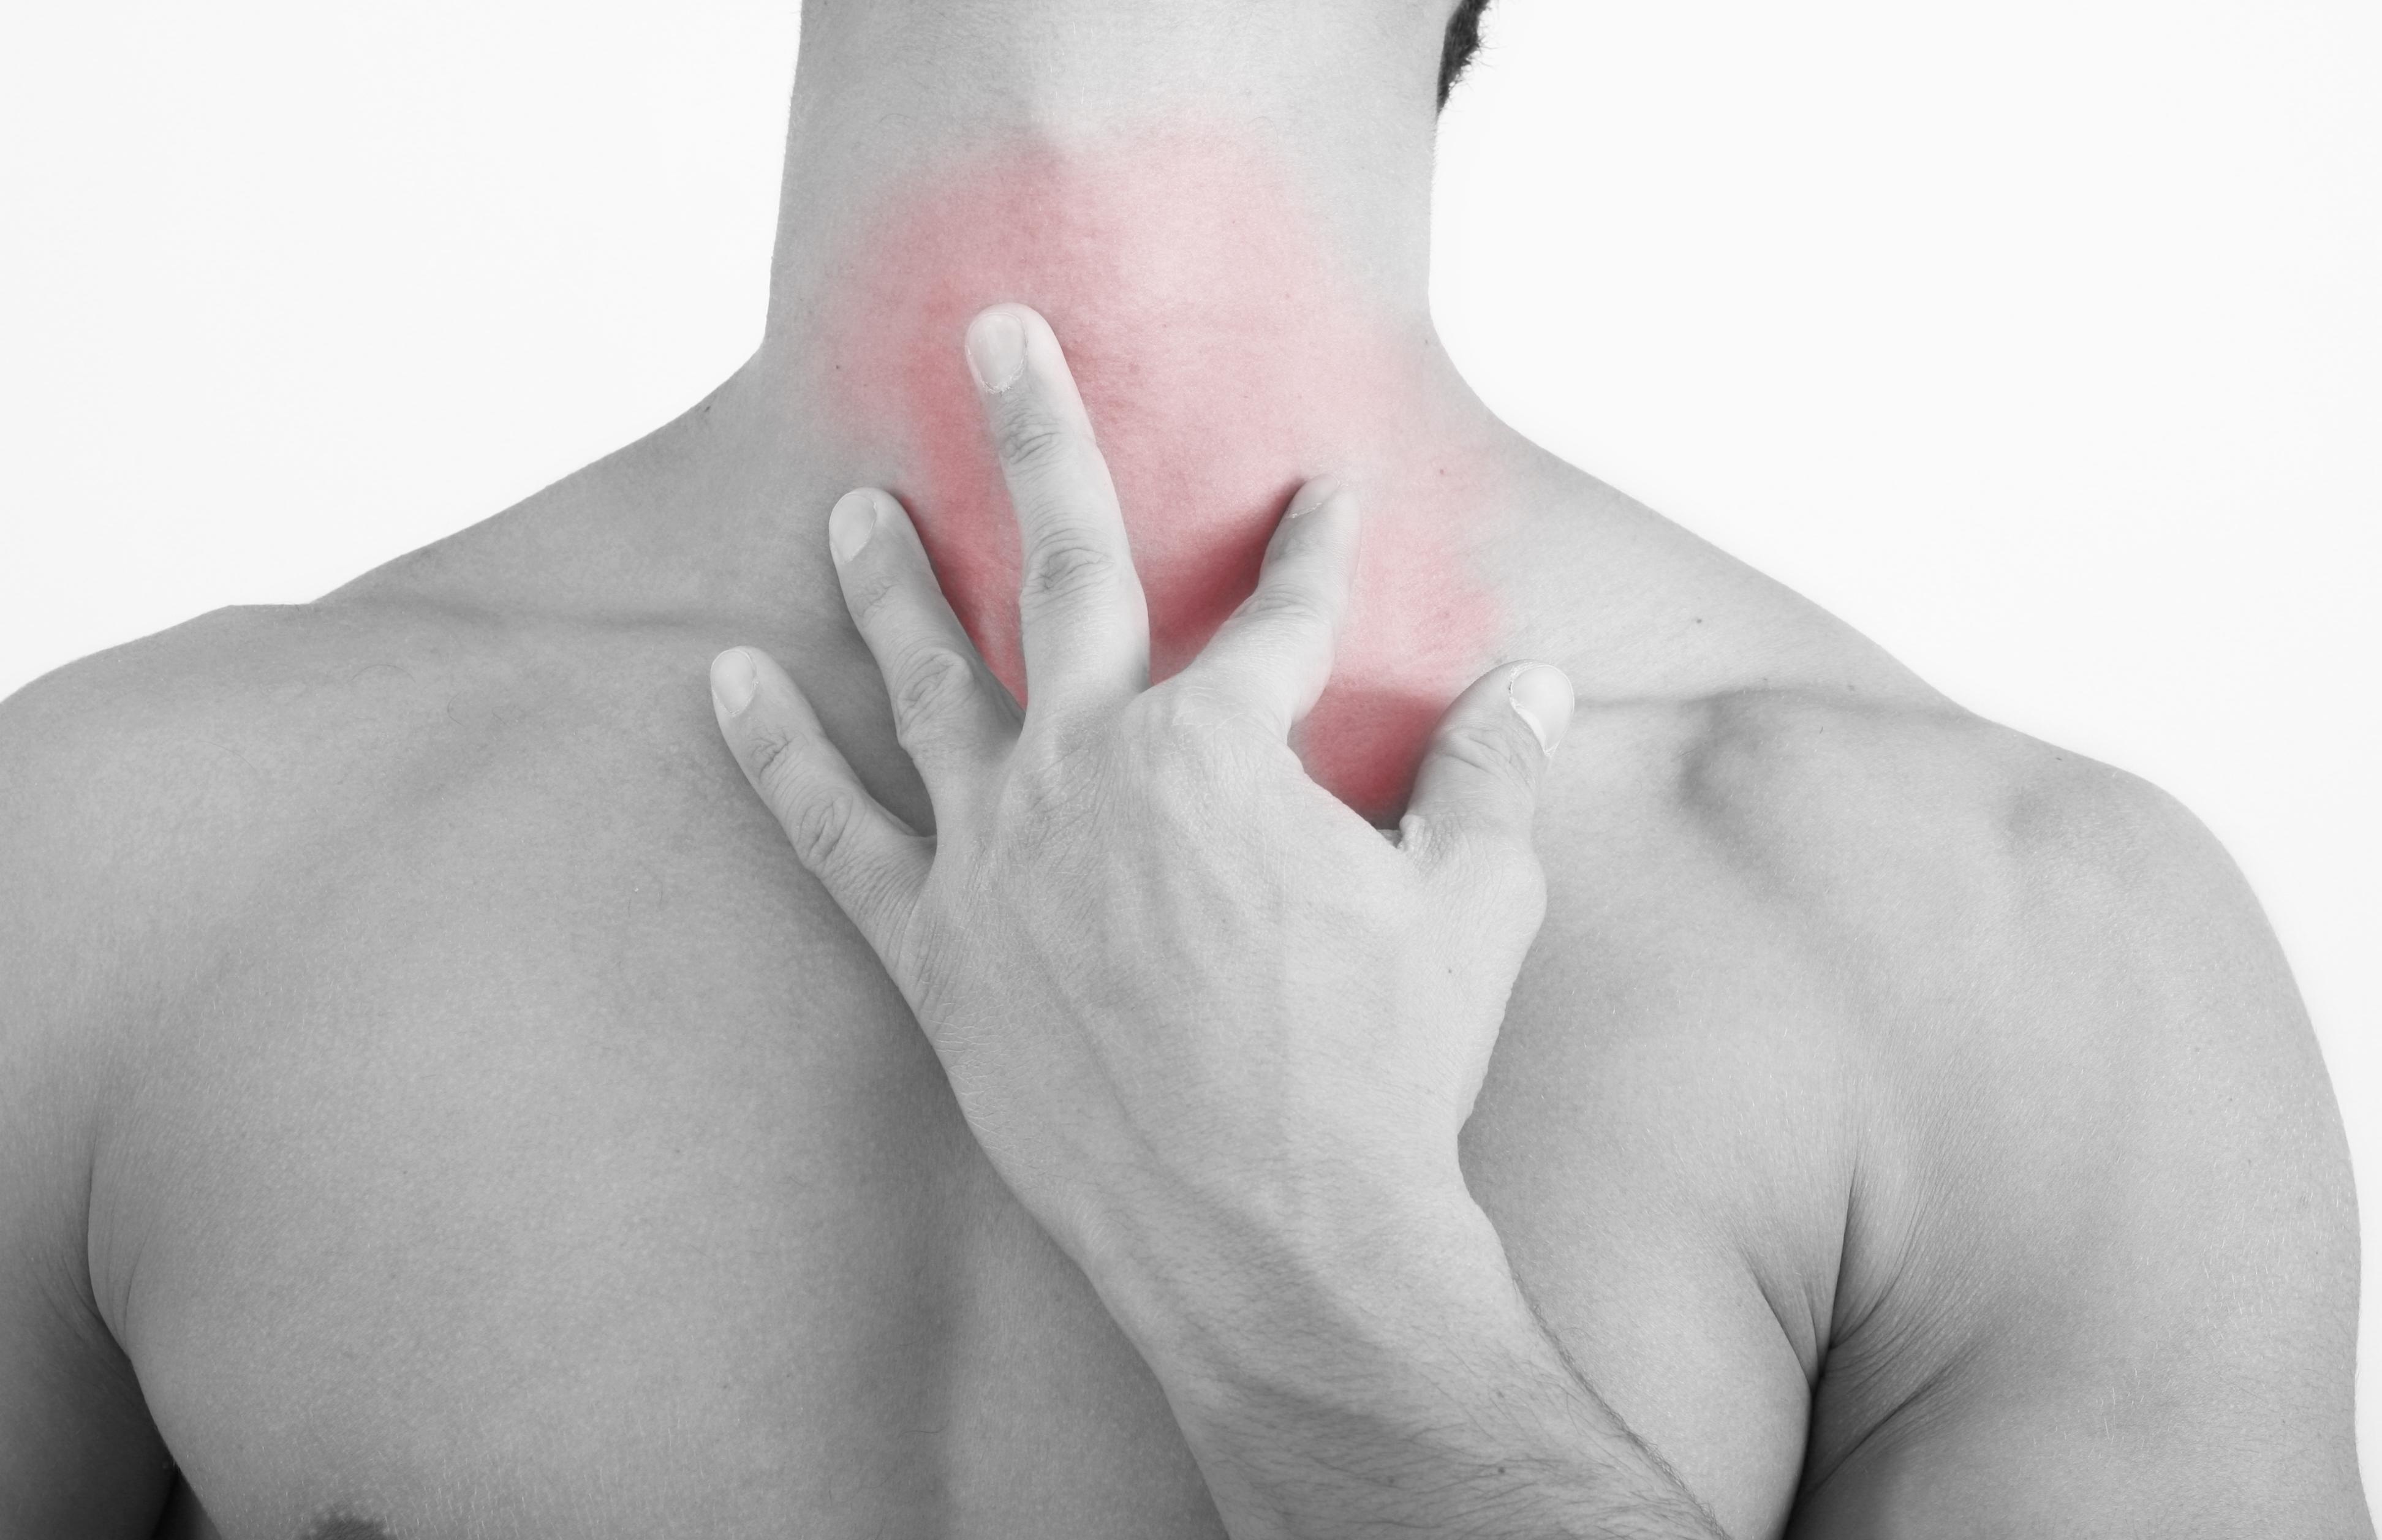 Dor de Garganta: Causas, Sintomas e Remédios Caseiros